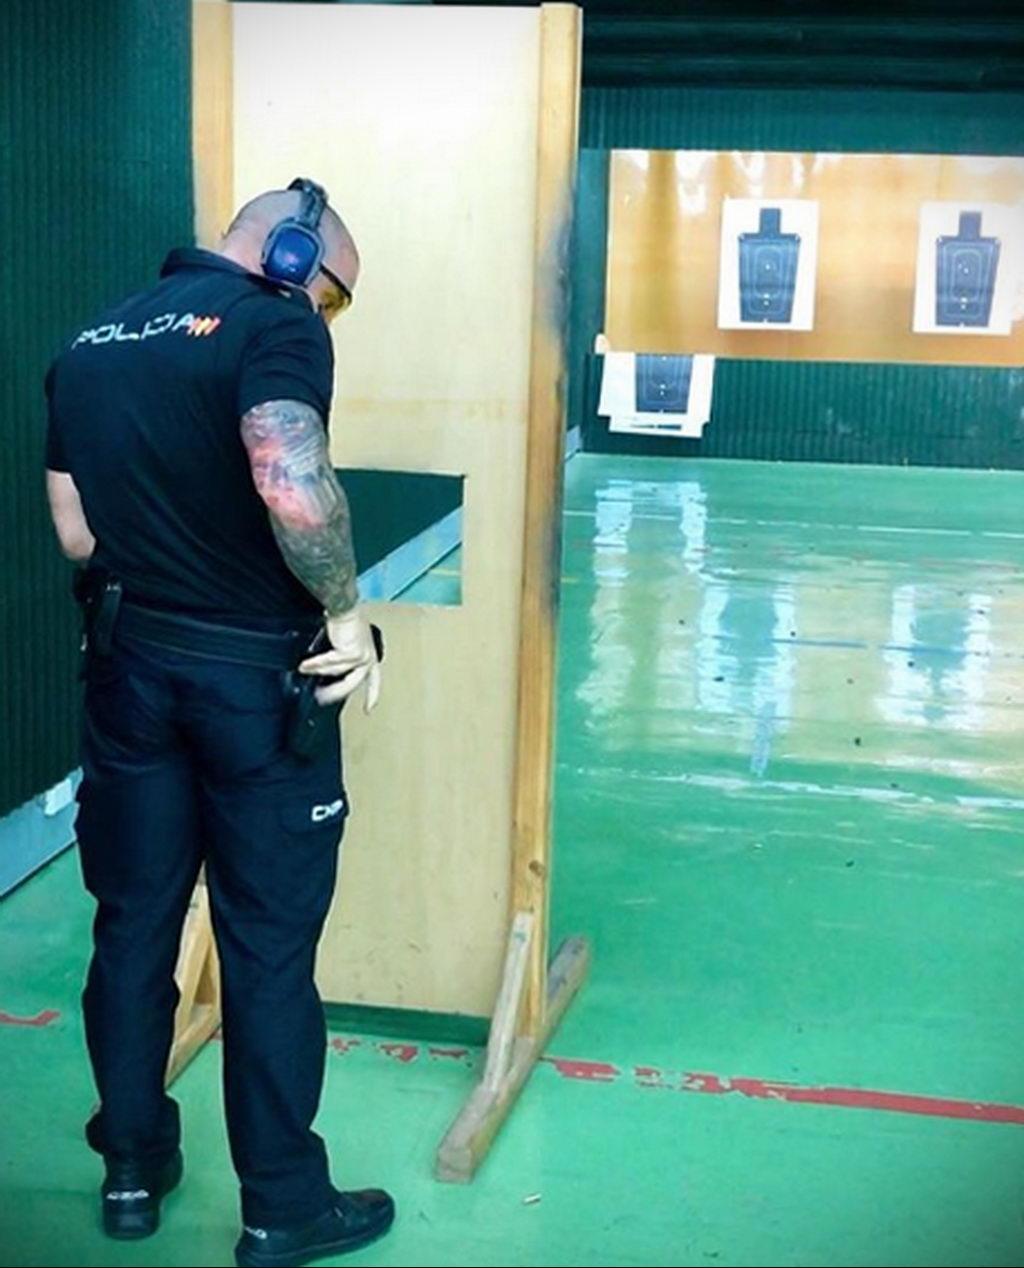 Фото действующего сотрудника полиции в форме с татуировками на теле для tatufoto.com 47